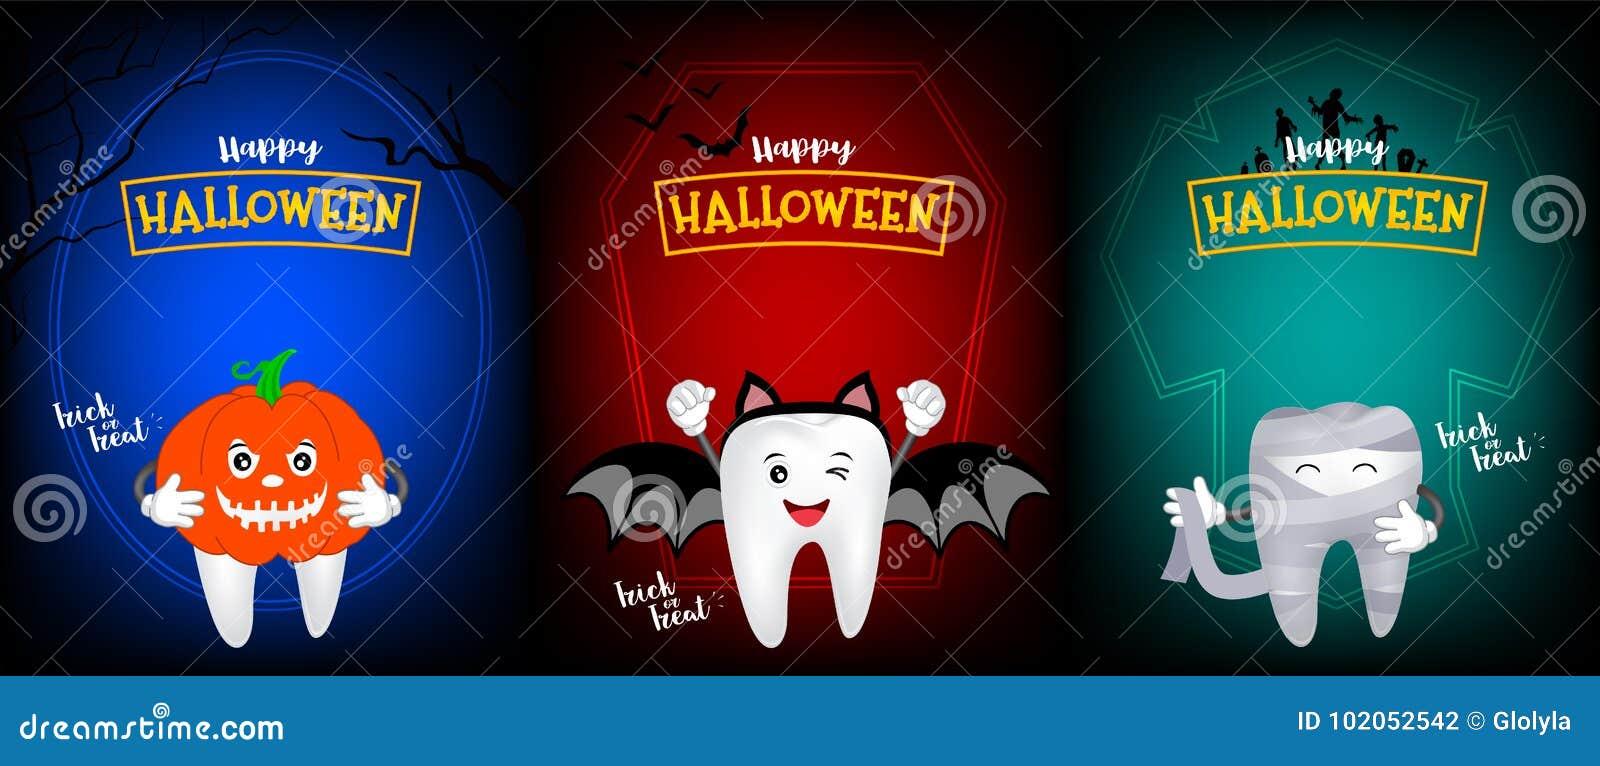 Милый страшный дизайн характера зуба тыквы, летучей мыши и мумии